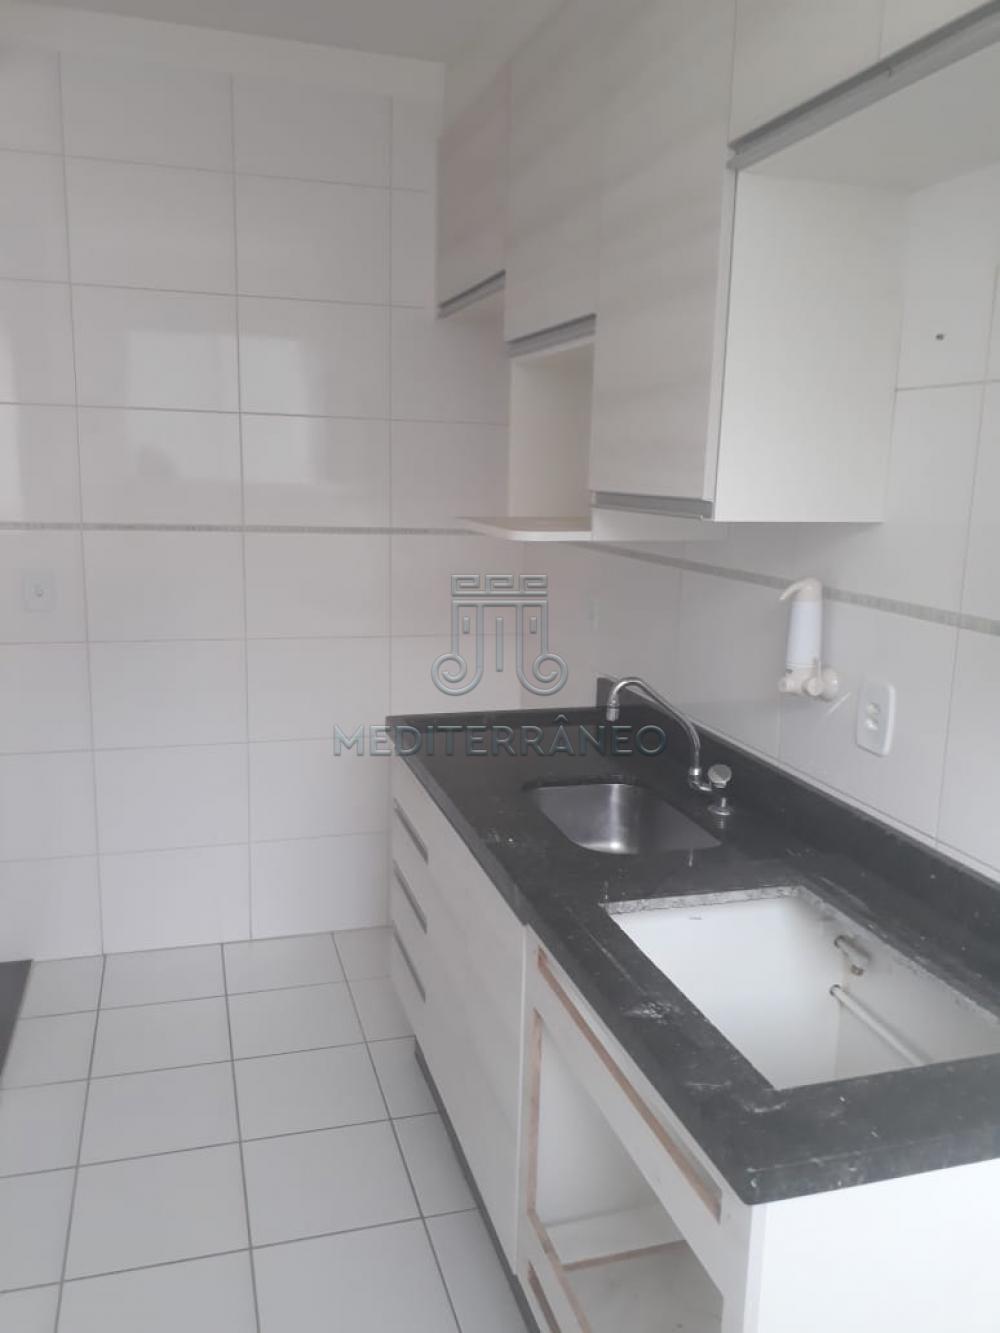 Comprar Apartamento / Padrão em Jundiaí apenas R$ 225.000,00 - Foto 12